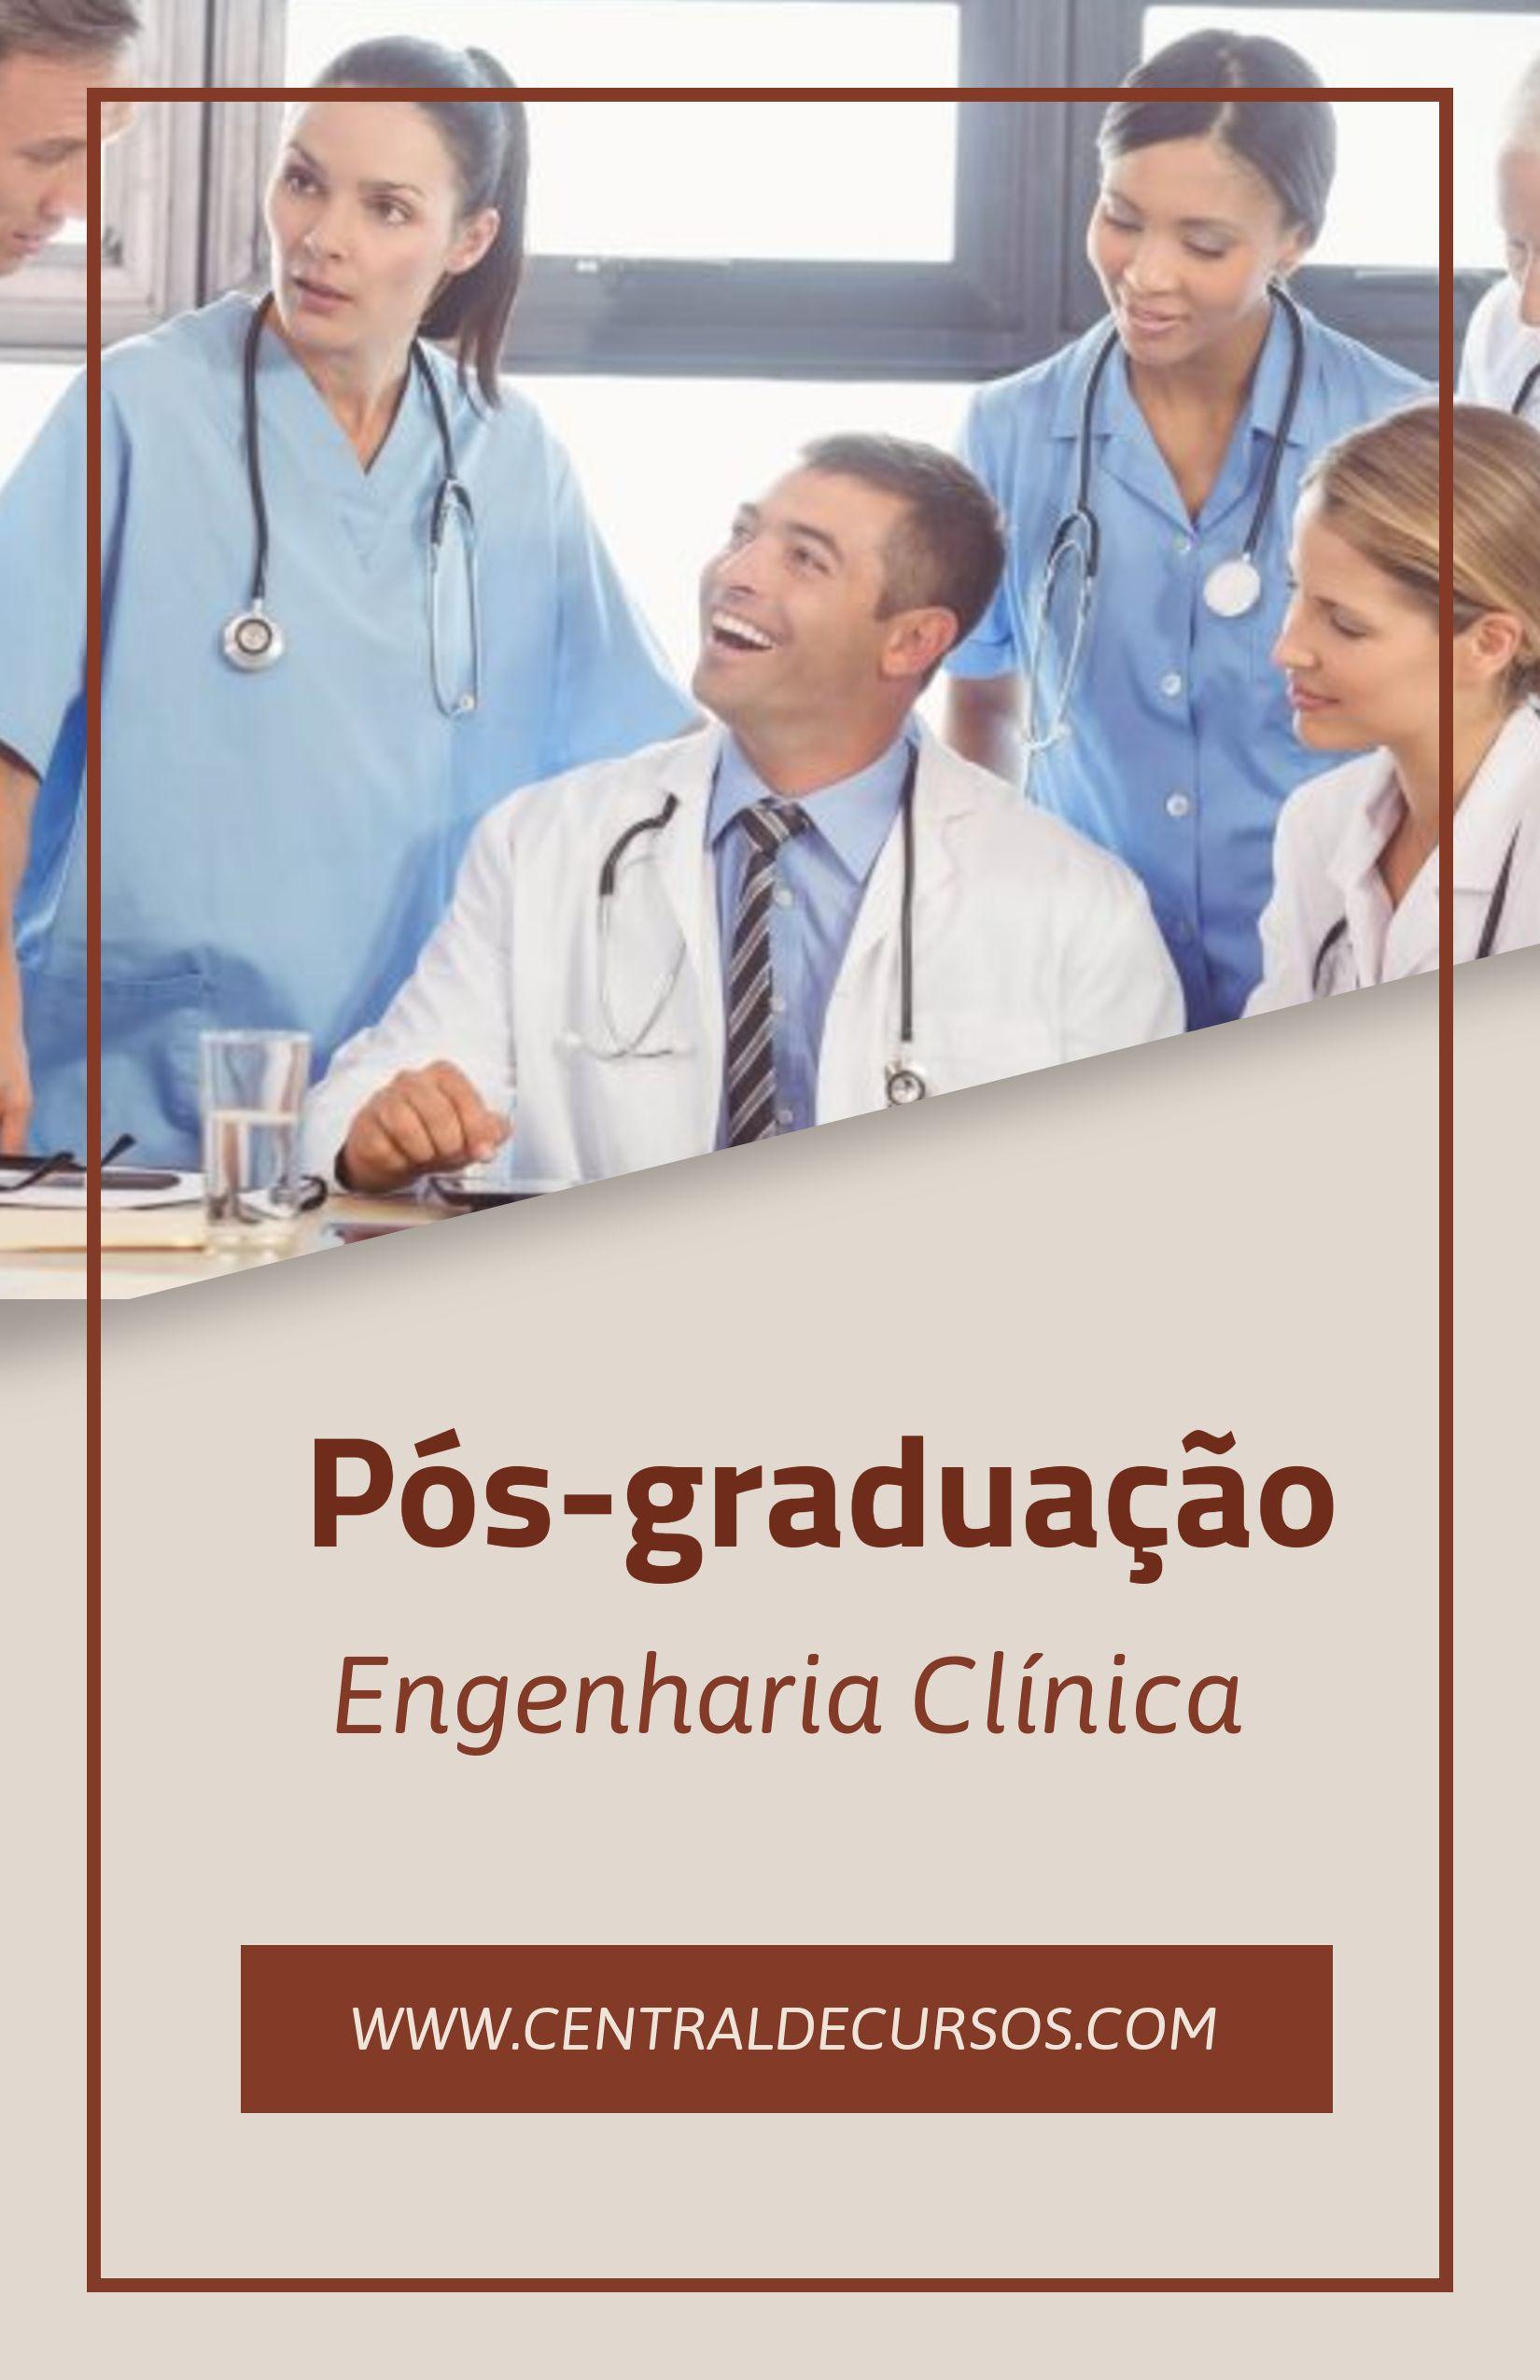 Pós-graduação em engenharia clínica